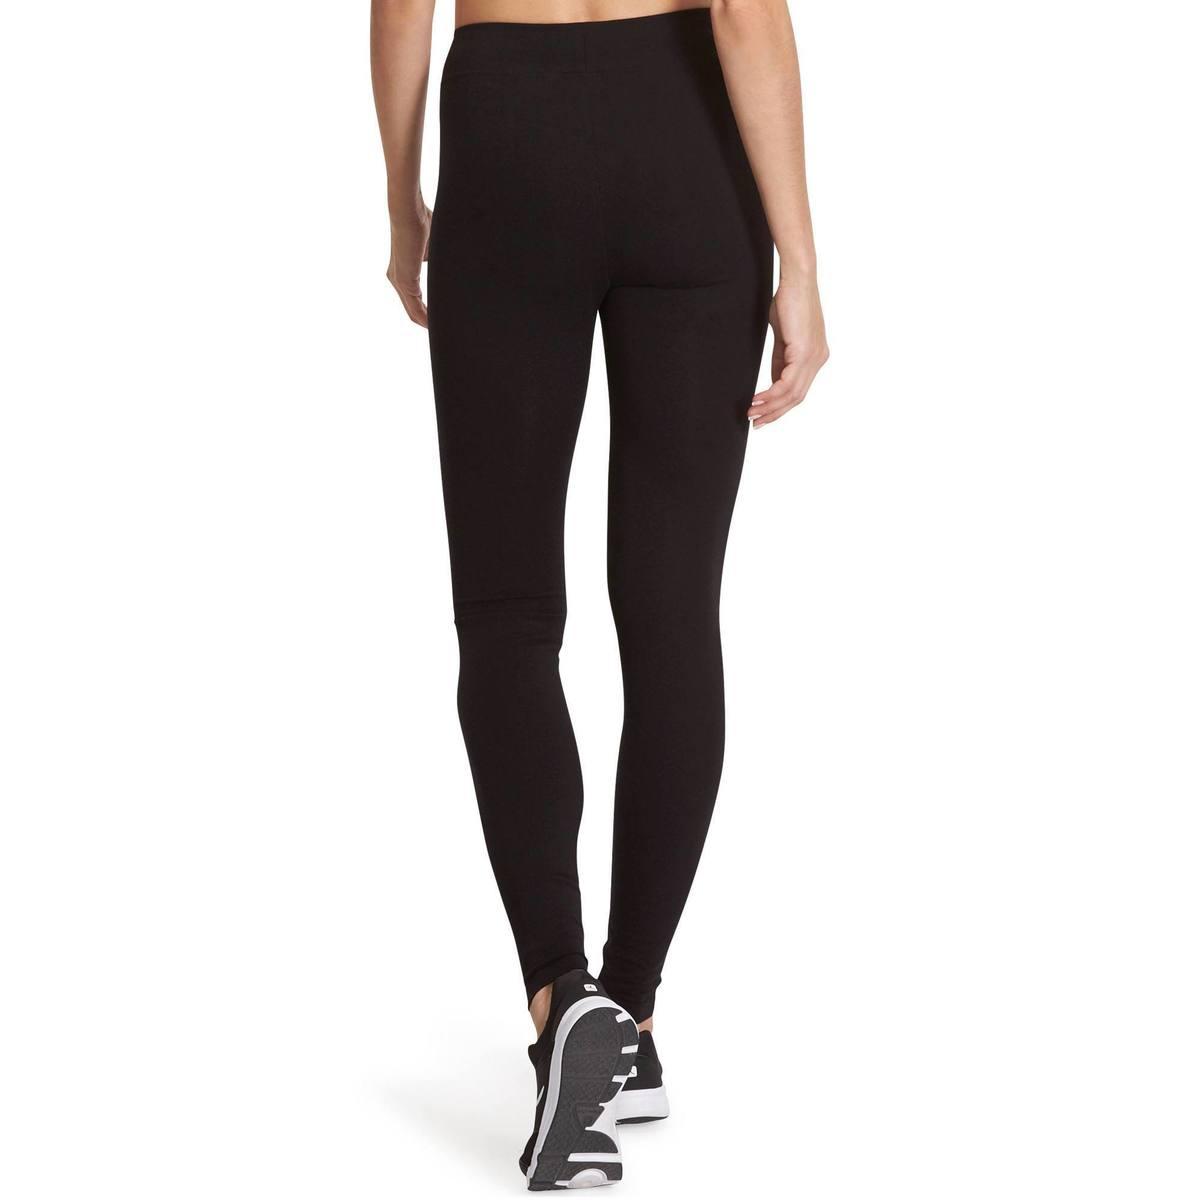 Bild 4 von Leggings Fit+500 Slim Gym & Pilates Damen schwarz